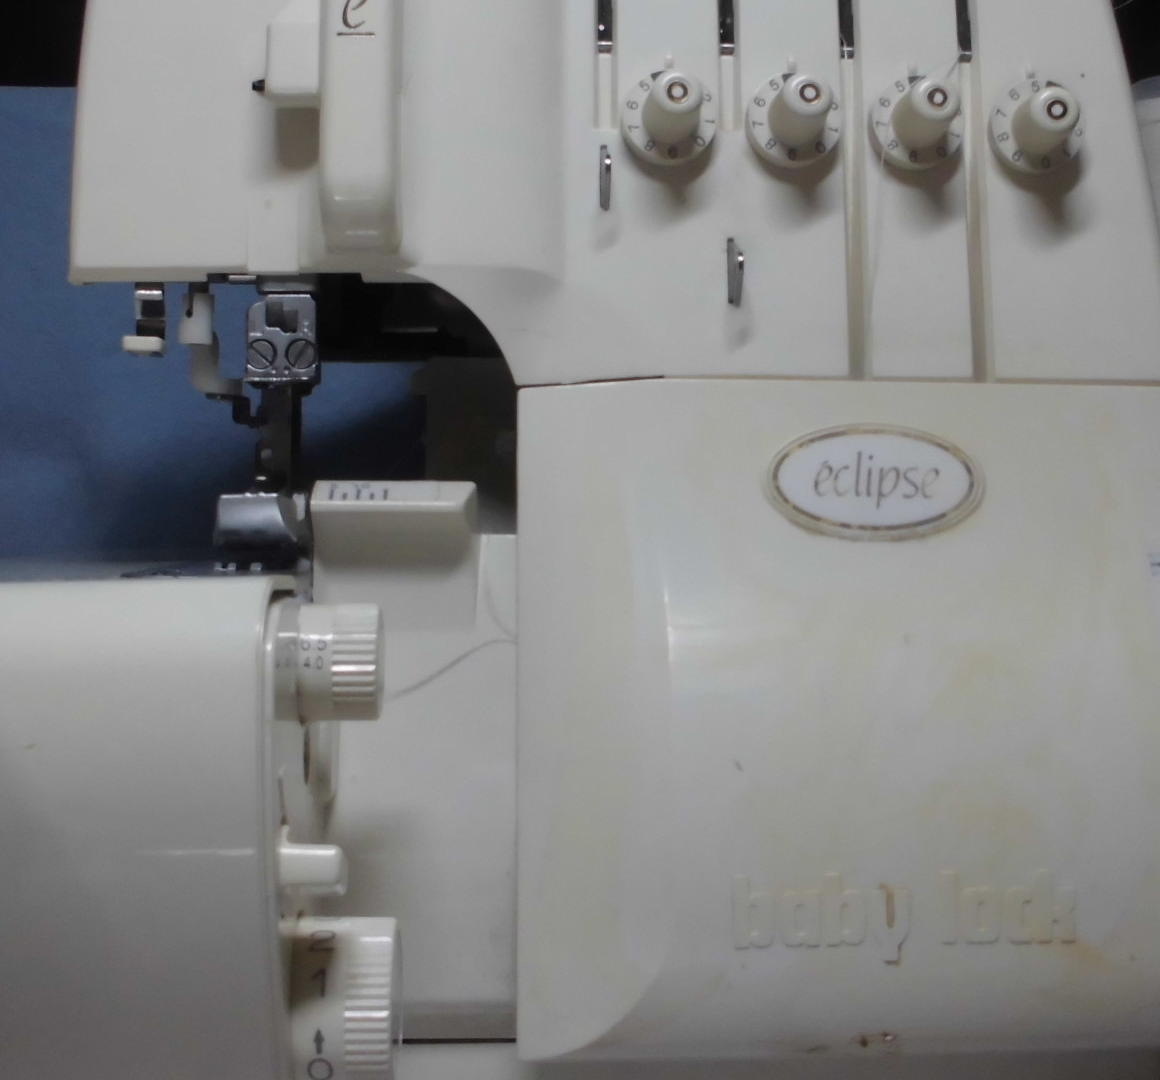 衣縫人eclipseのロックミシン修理|エアスルーで糸が通らない、縫えない、糸調子不良